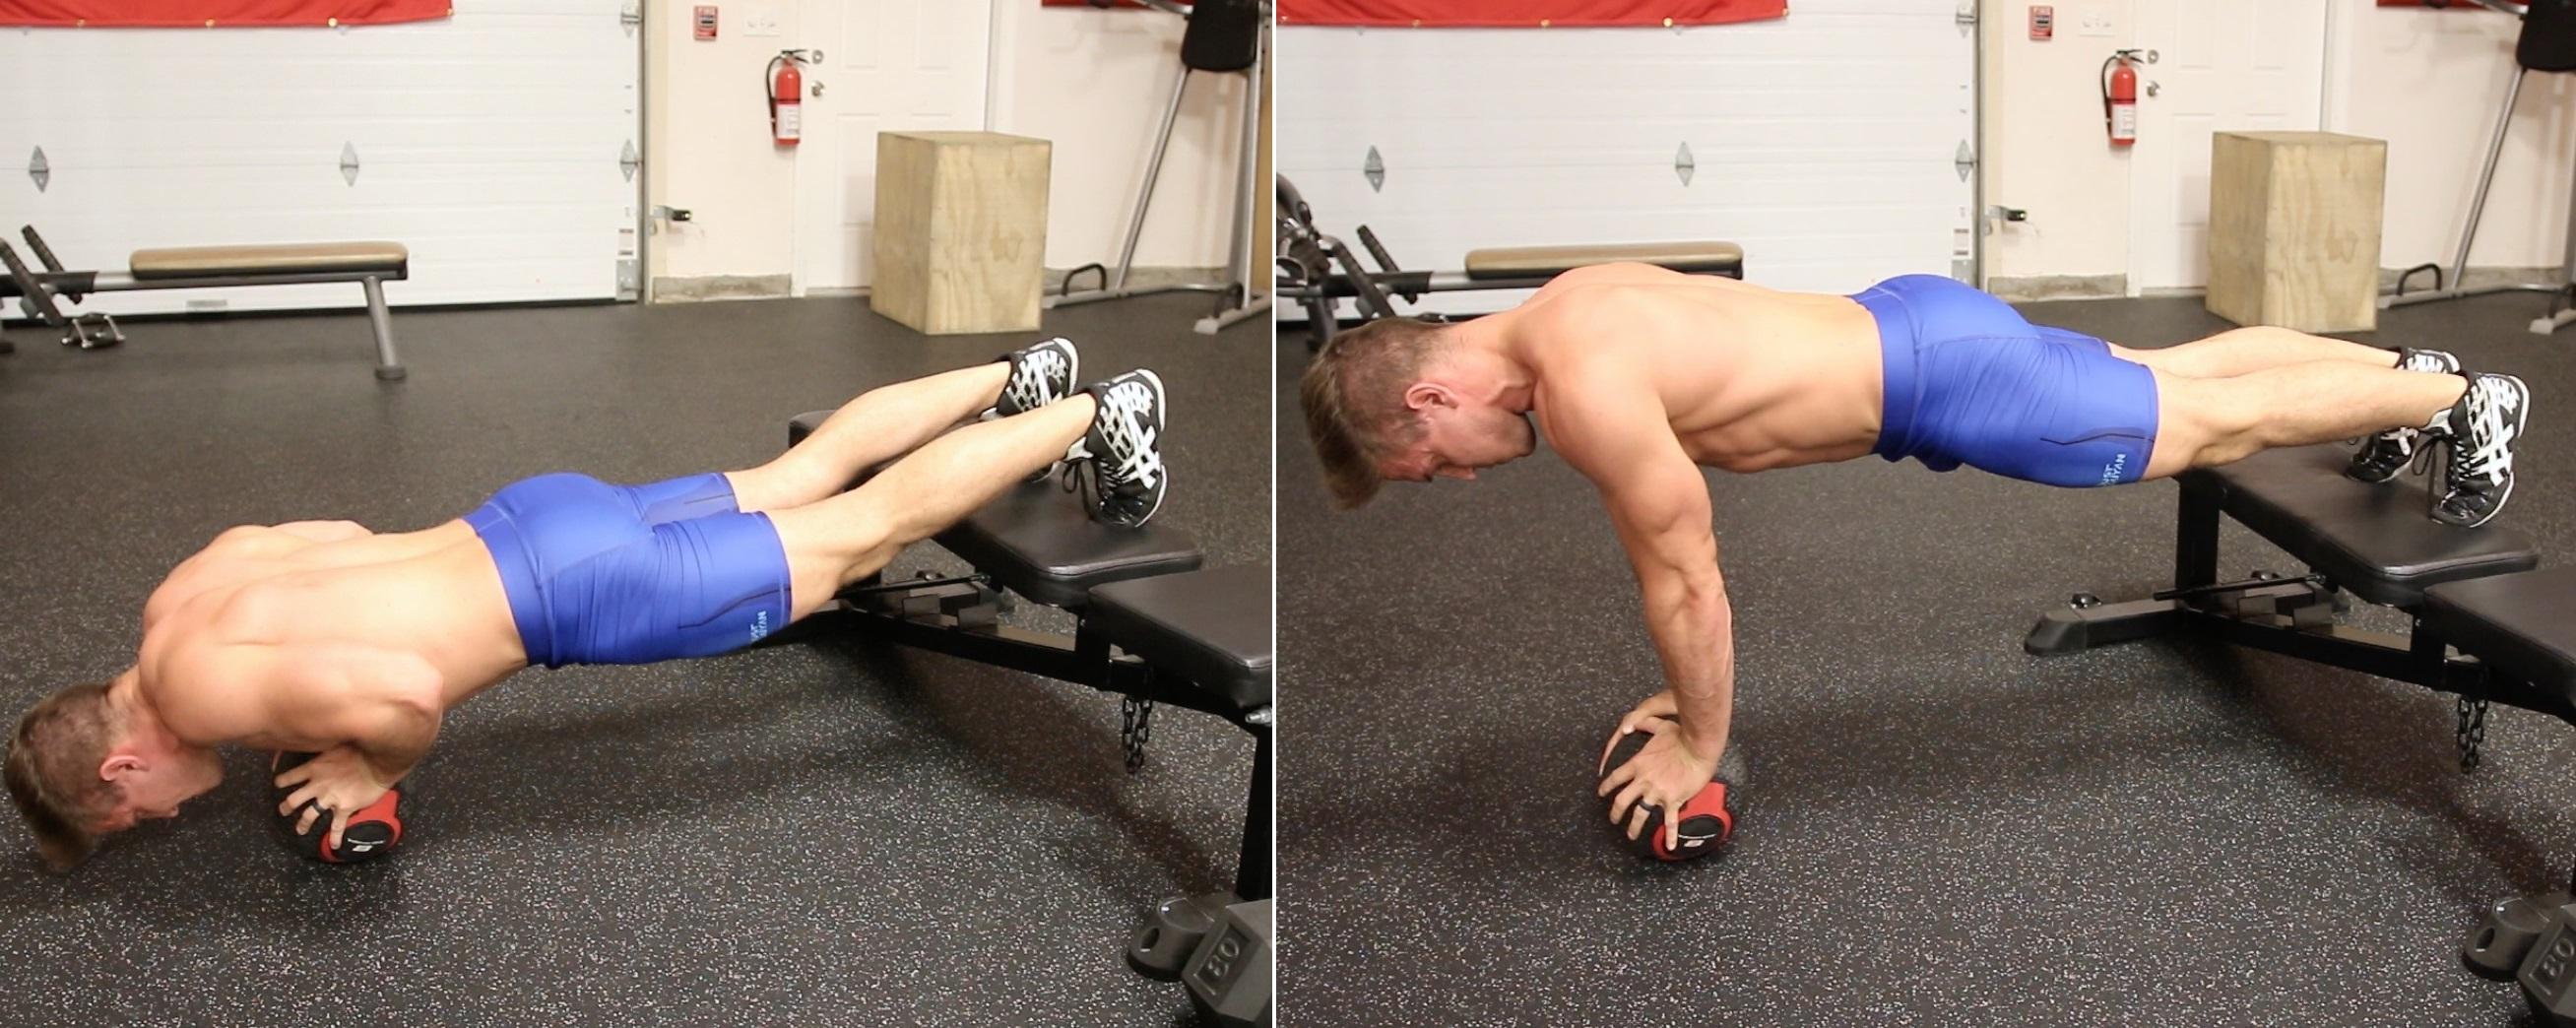 بالصور تمارين لتقوية الاعصاب والعضلات , تعرف على افضل تمارين لتقوية الاعصاب والعضلات 11862 4